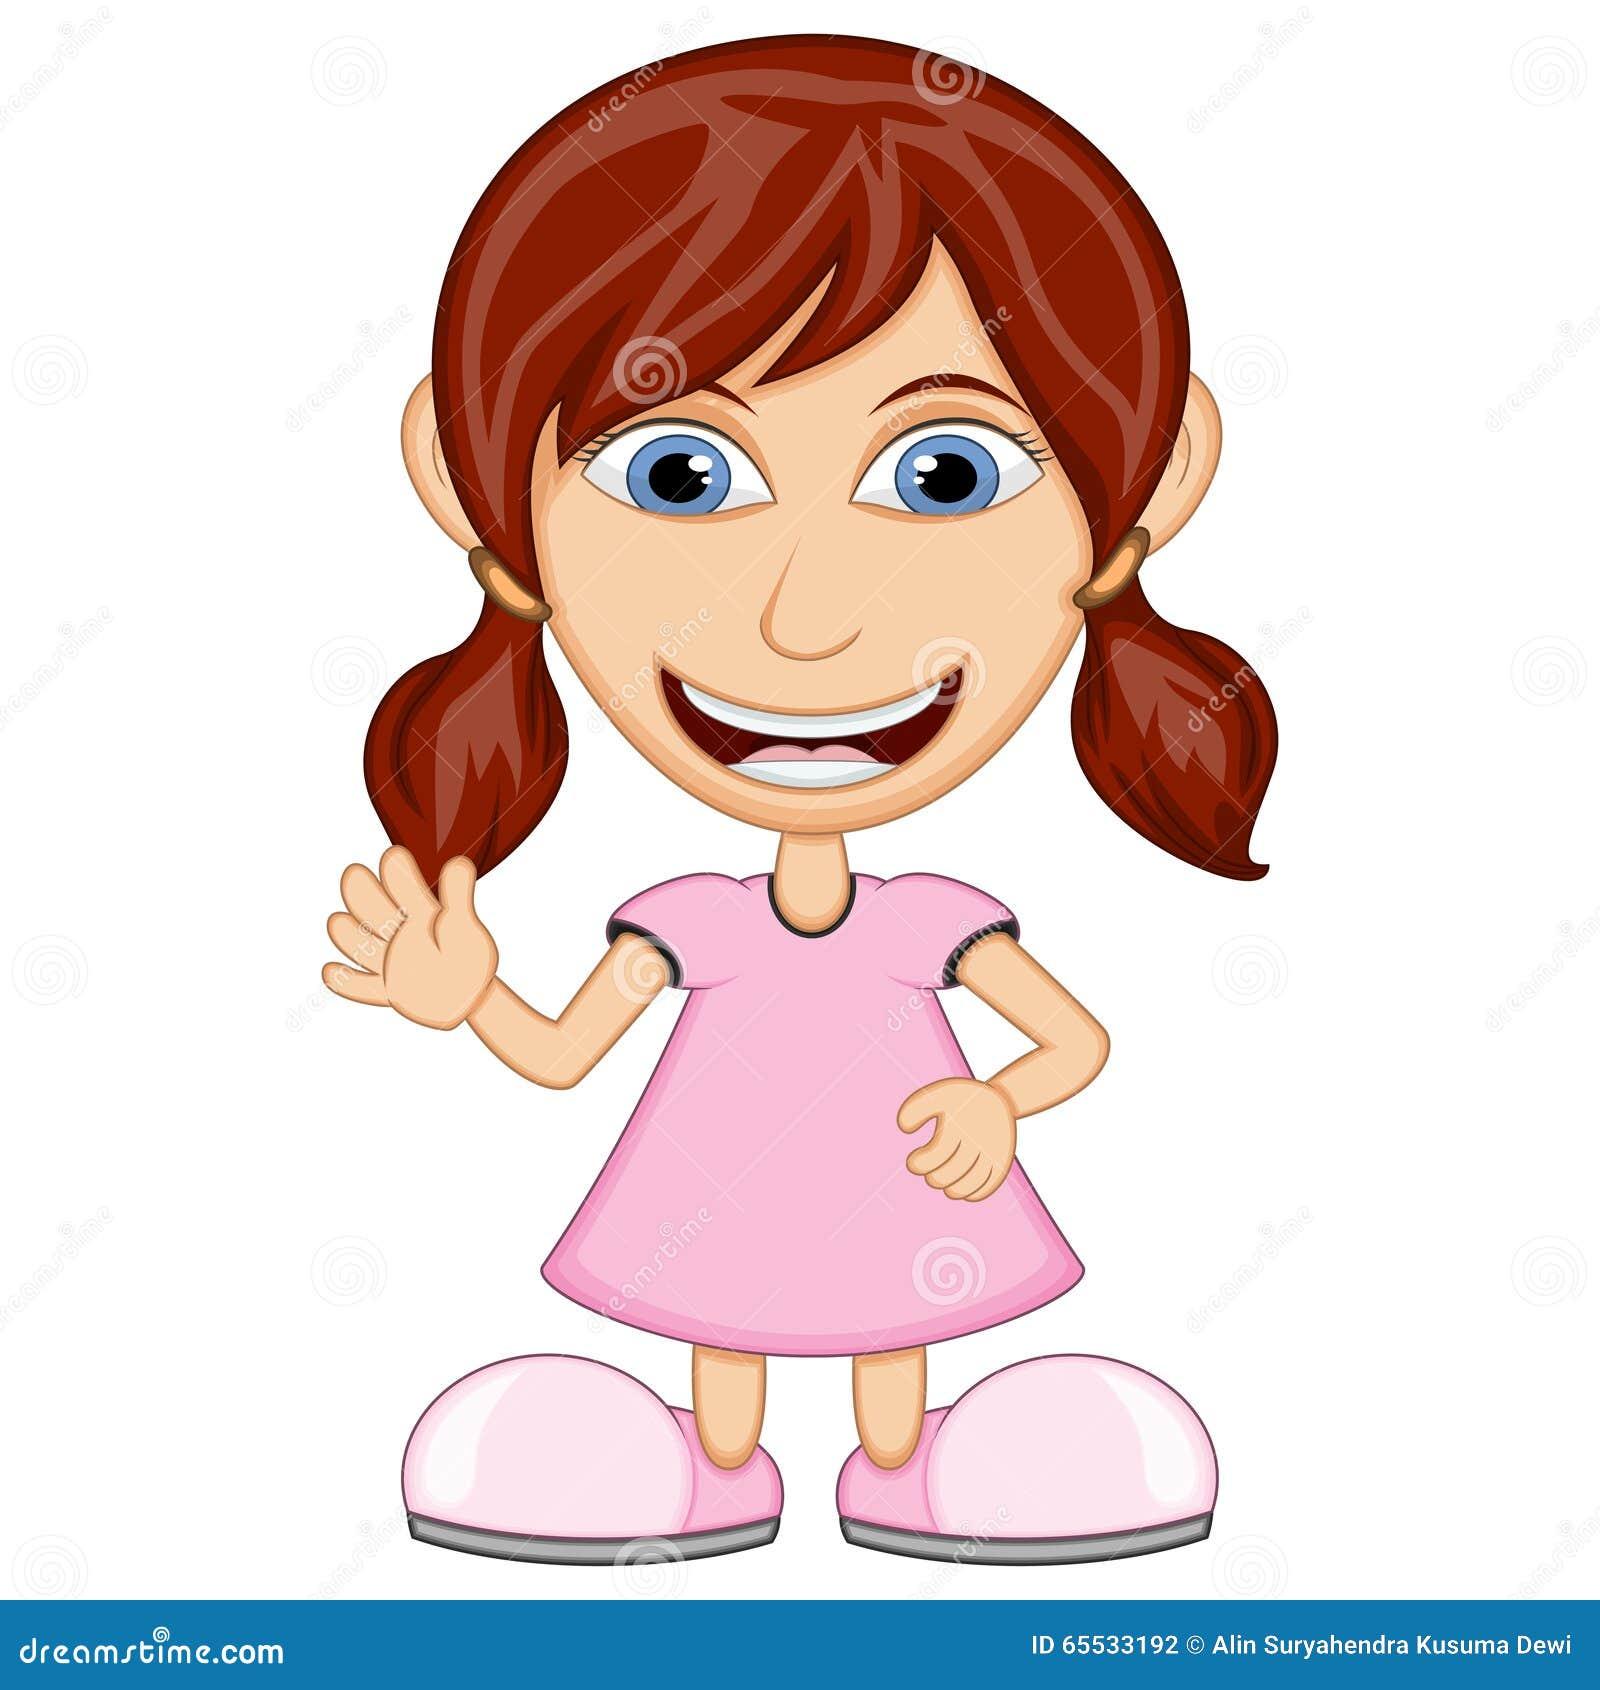 Little girl wearing a pink dress cartoon